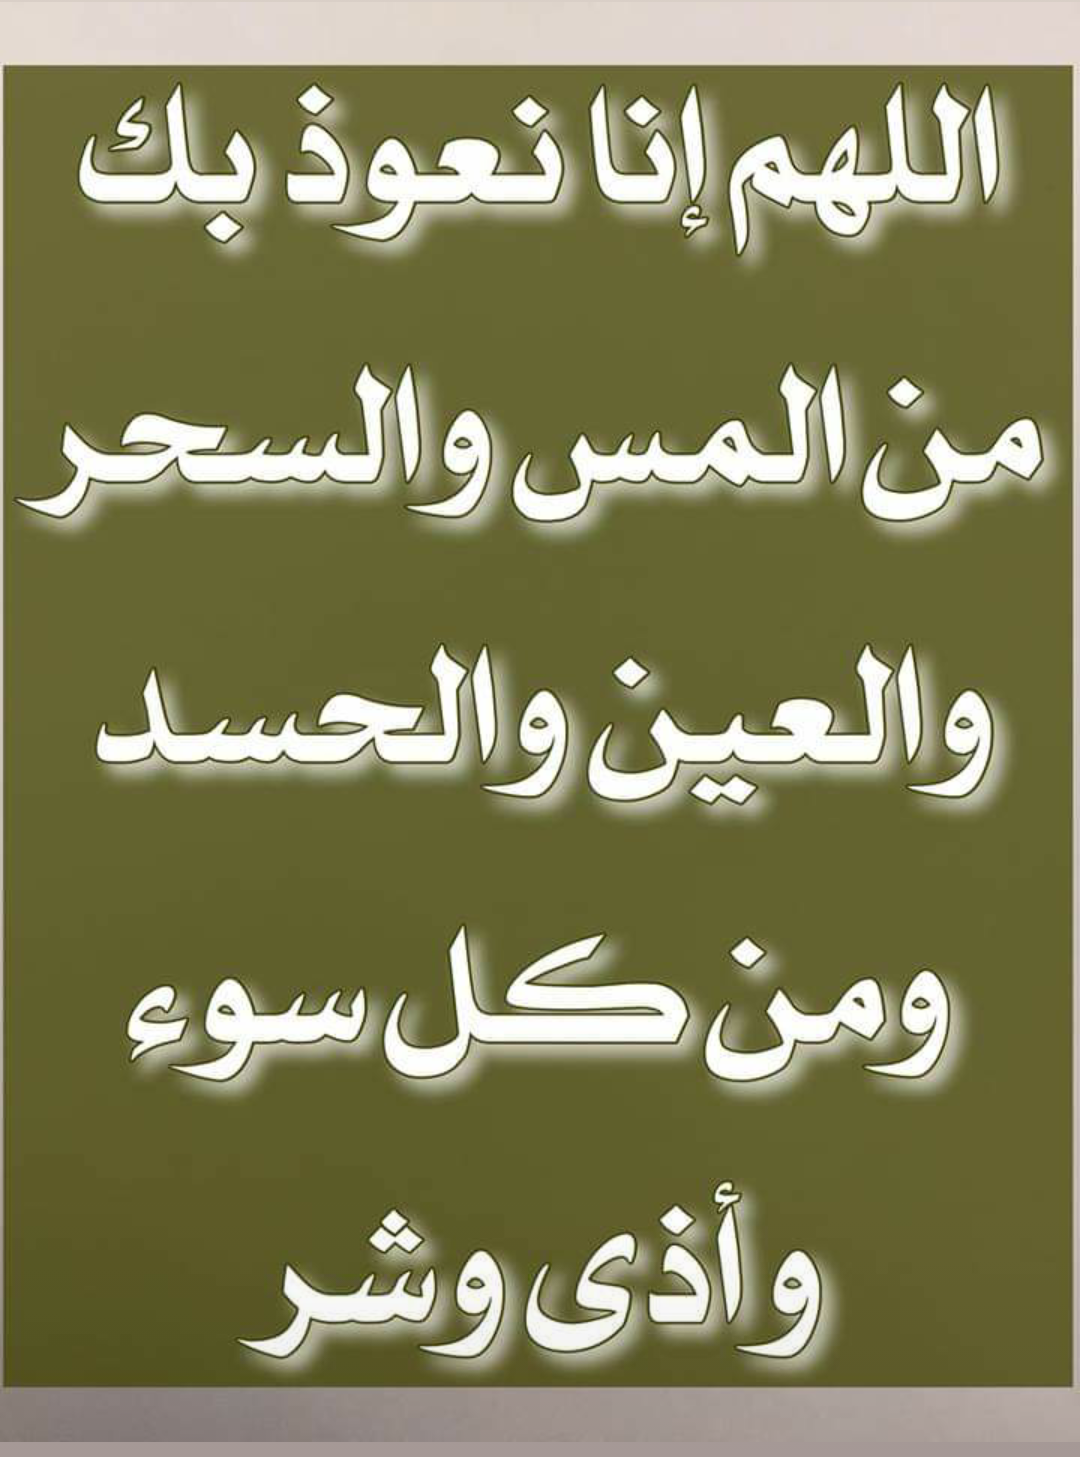 اللهم إنا نعوذ بك من المس والسحر والعين والحسد ومن كل سوء وأذى وشر آمين Arabic Calligraphy